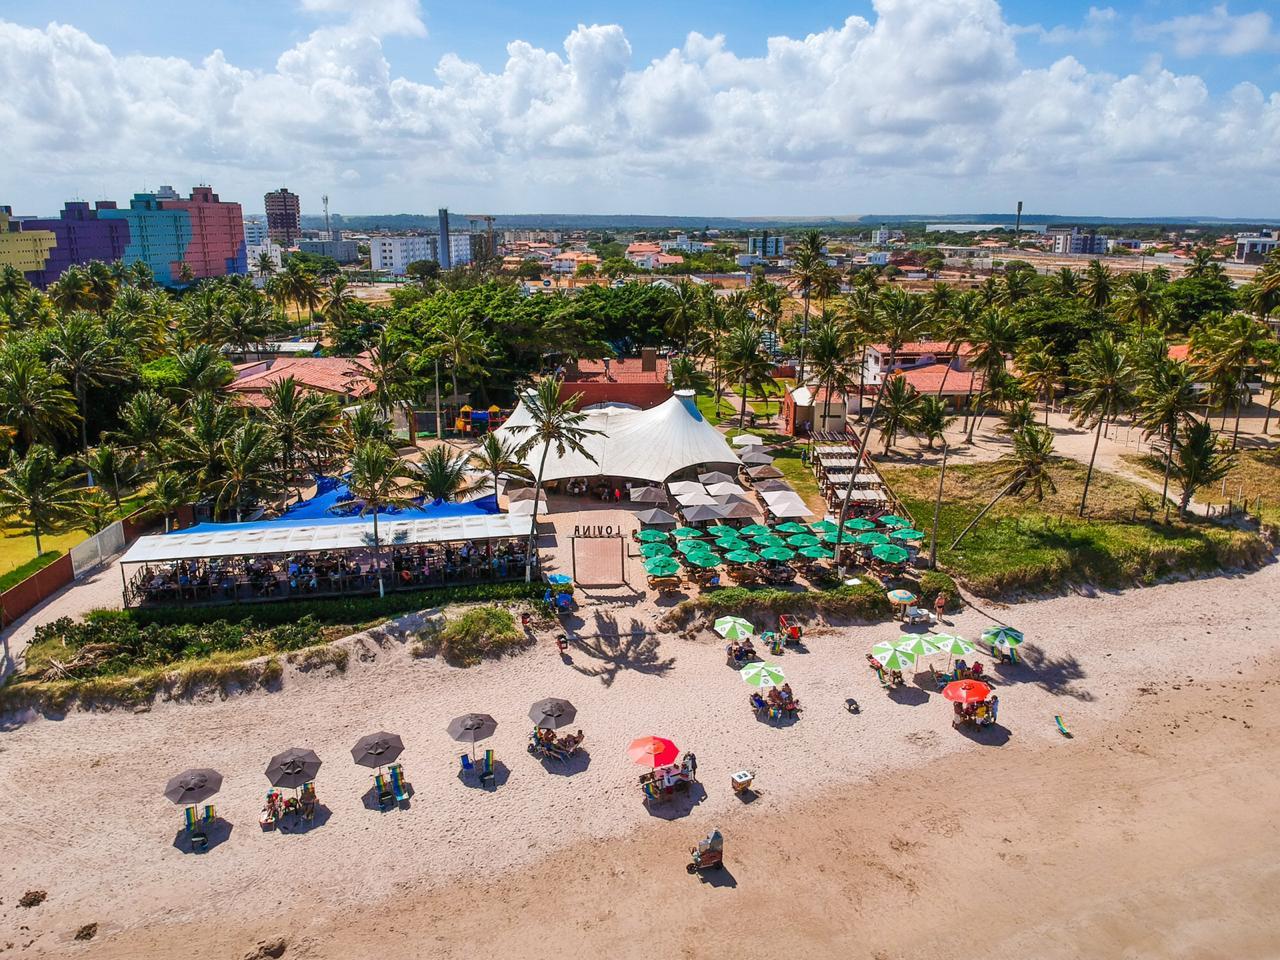 Lovina Bar e Restaurante Igor do O - Lovina Beach Club emite nota e esclarece interdição de estabelecimento - VEJA